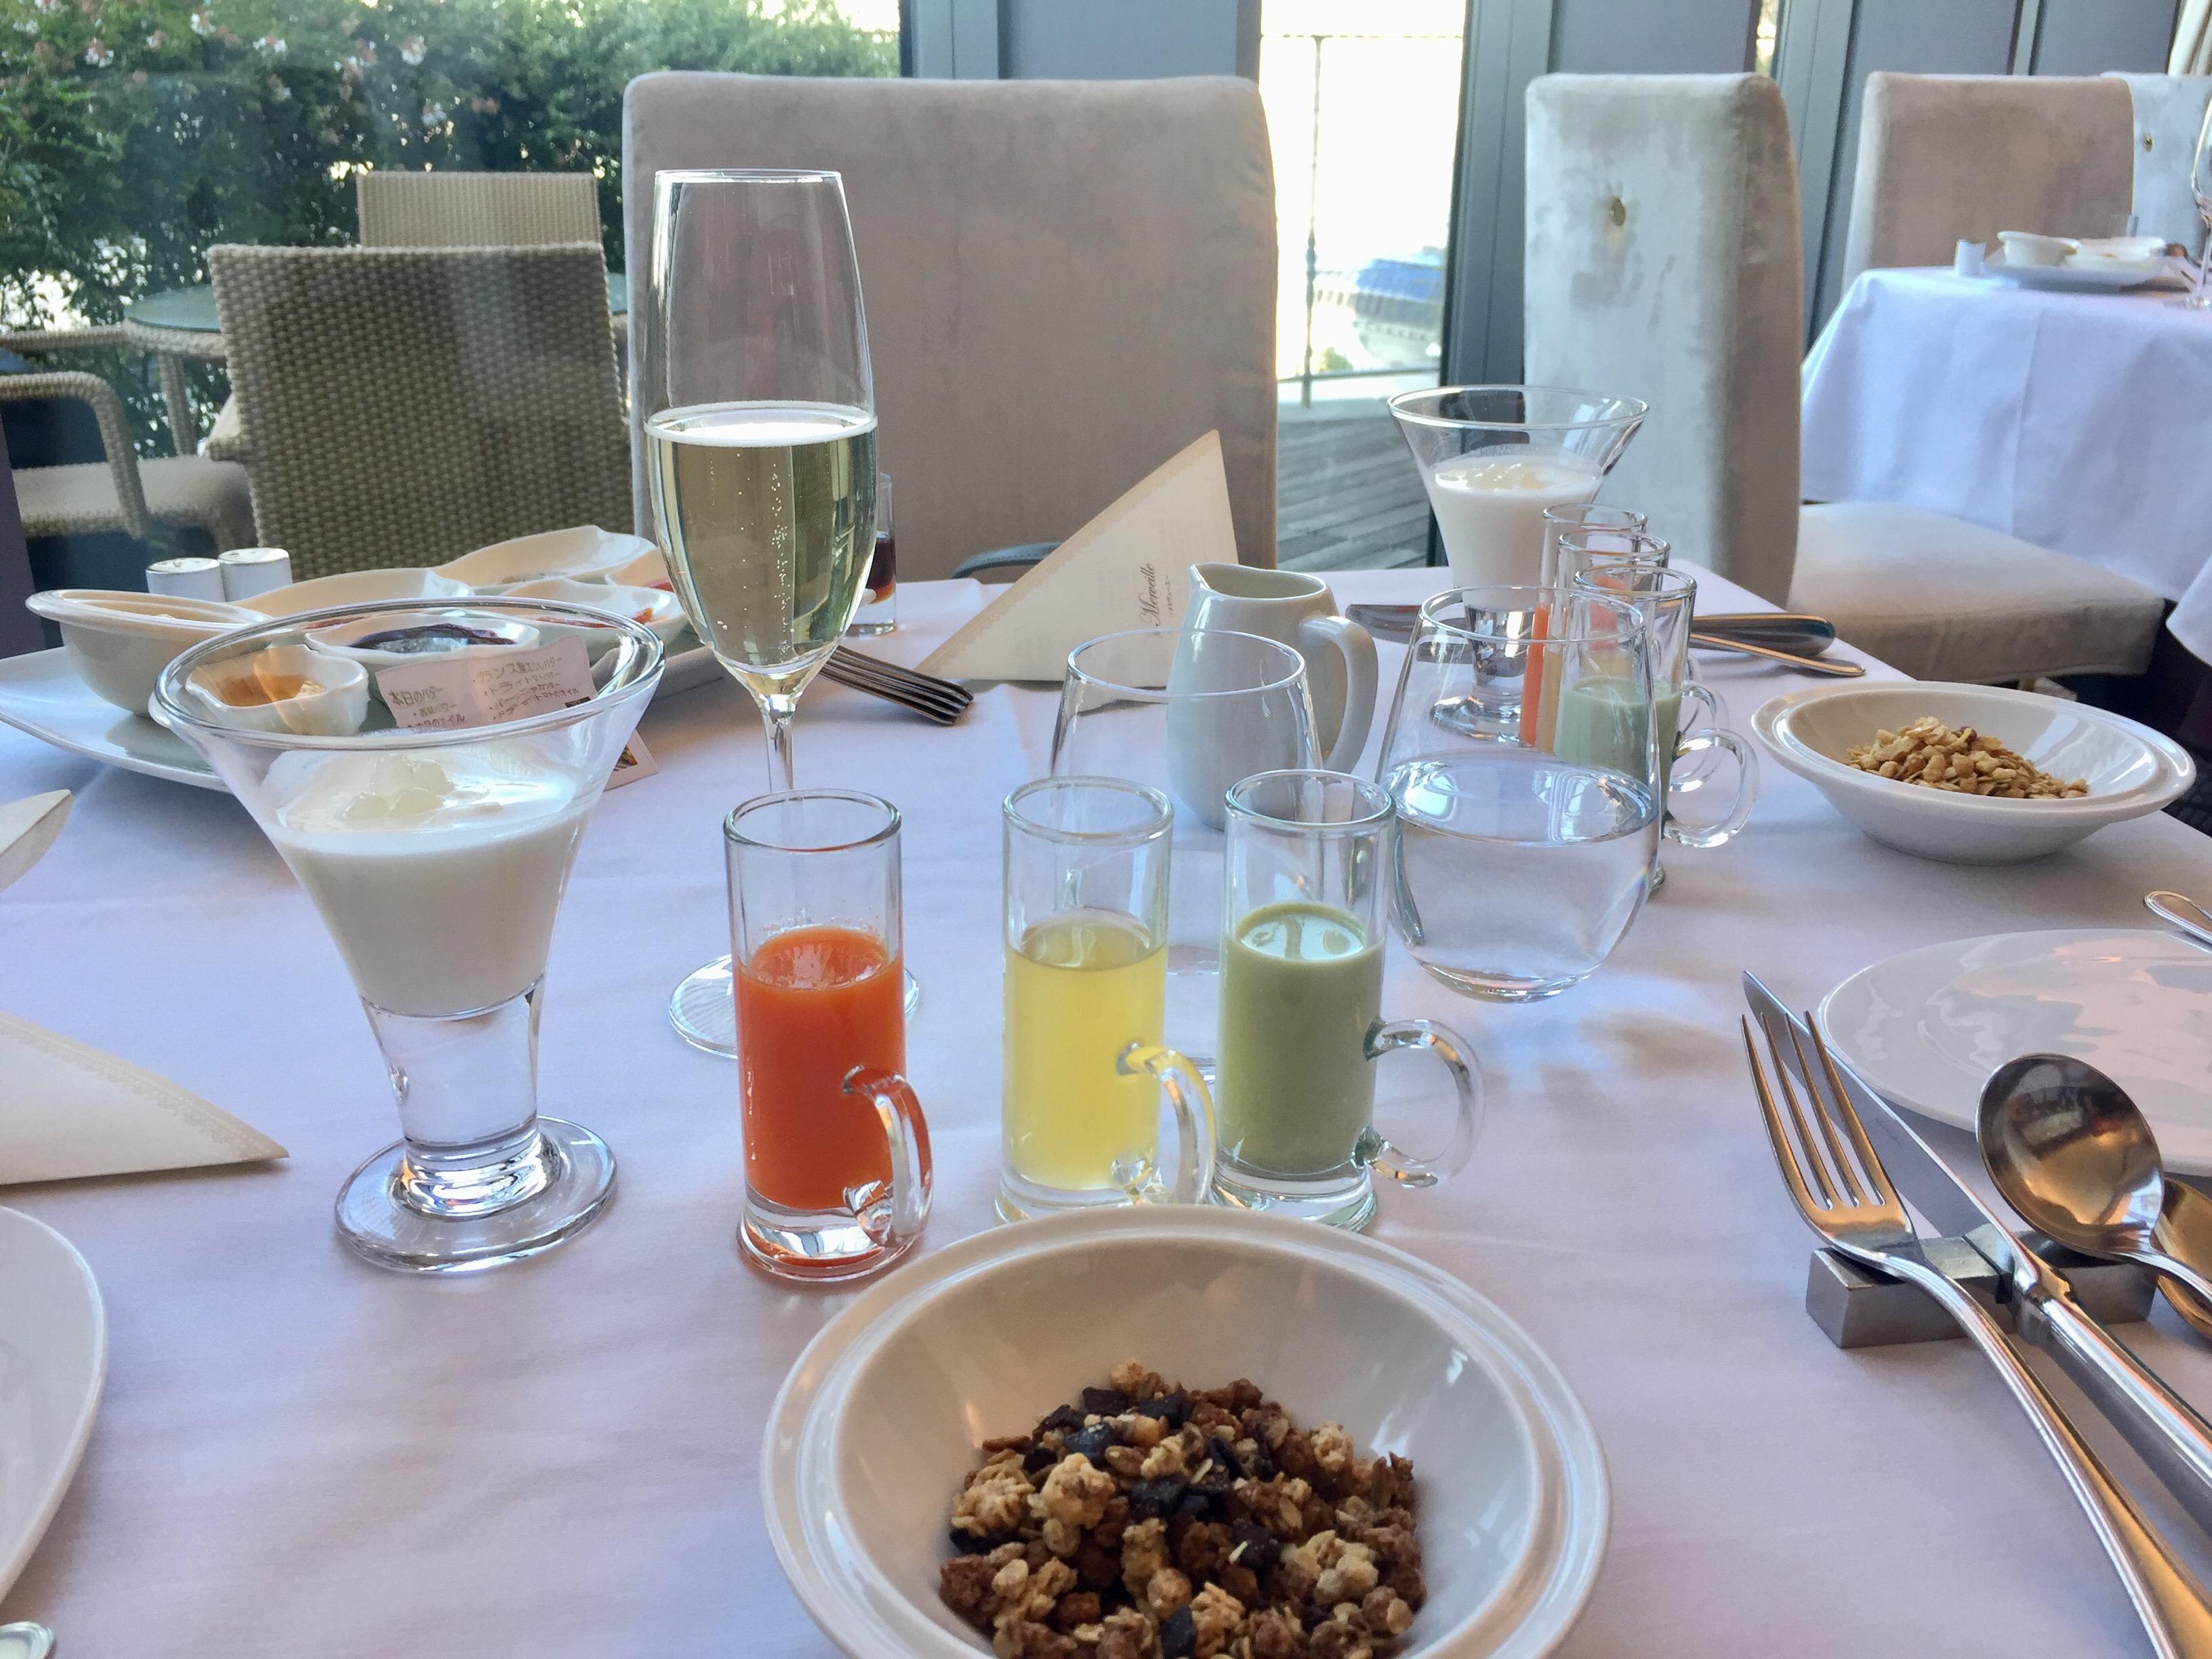 一日のスタートは、ちょっと優雅なプティデジュネ(朝食) ミーティングから